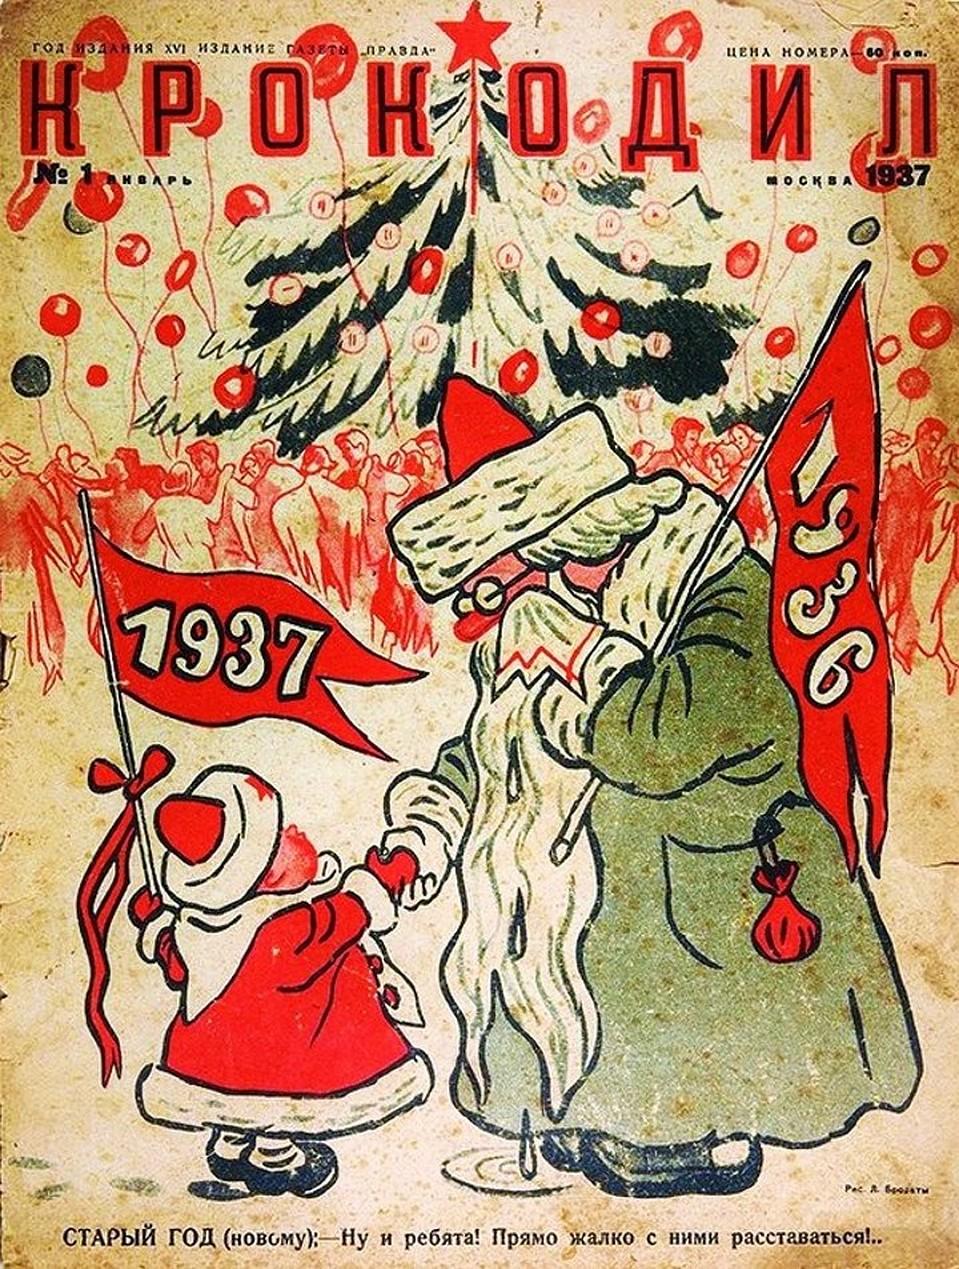 сравнении журнал с новогодними открытками клык незнаю